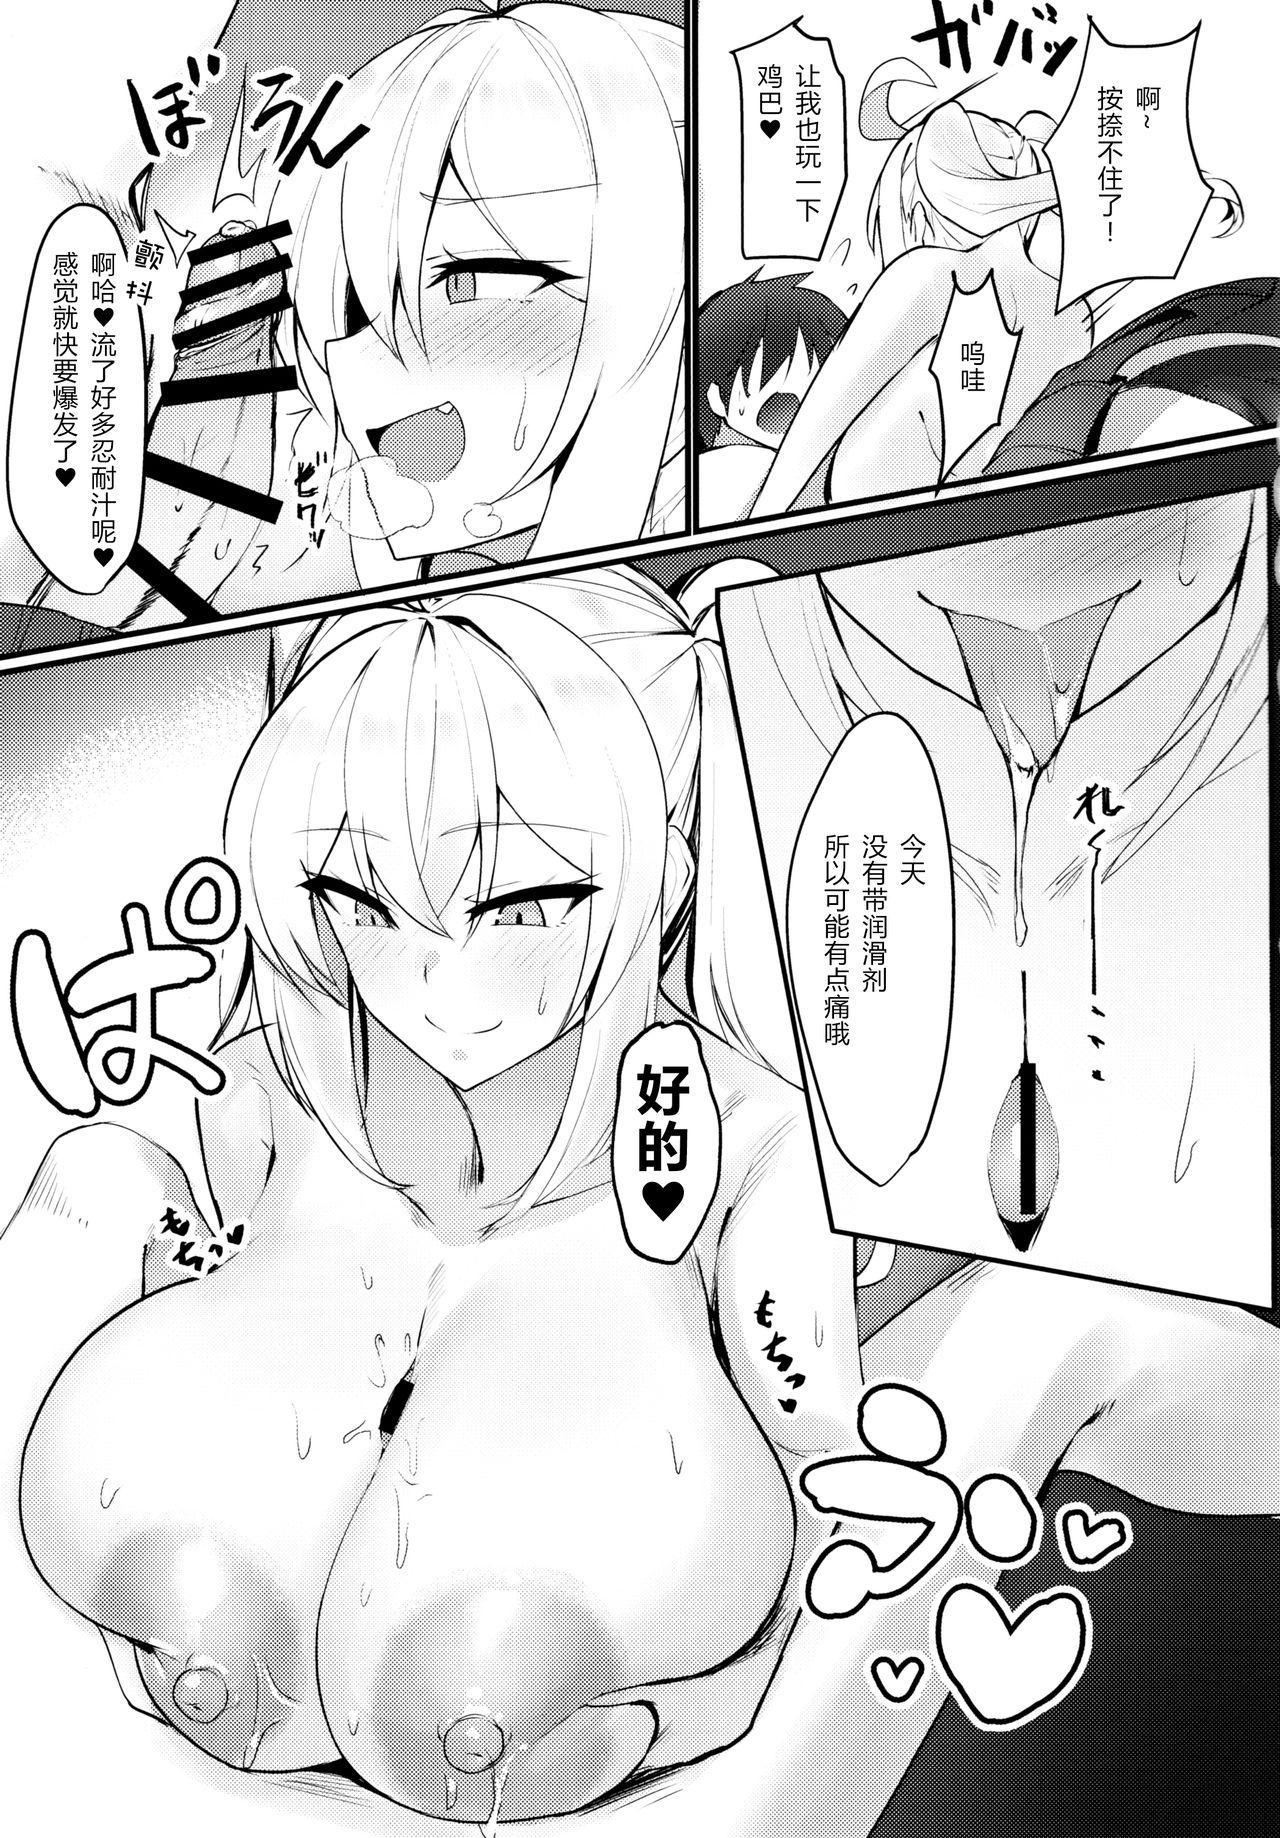 Class no Bakunyuu Gal ga Kininatte Shikatanai! 11